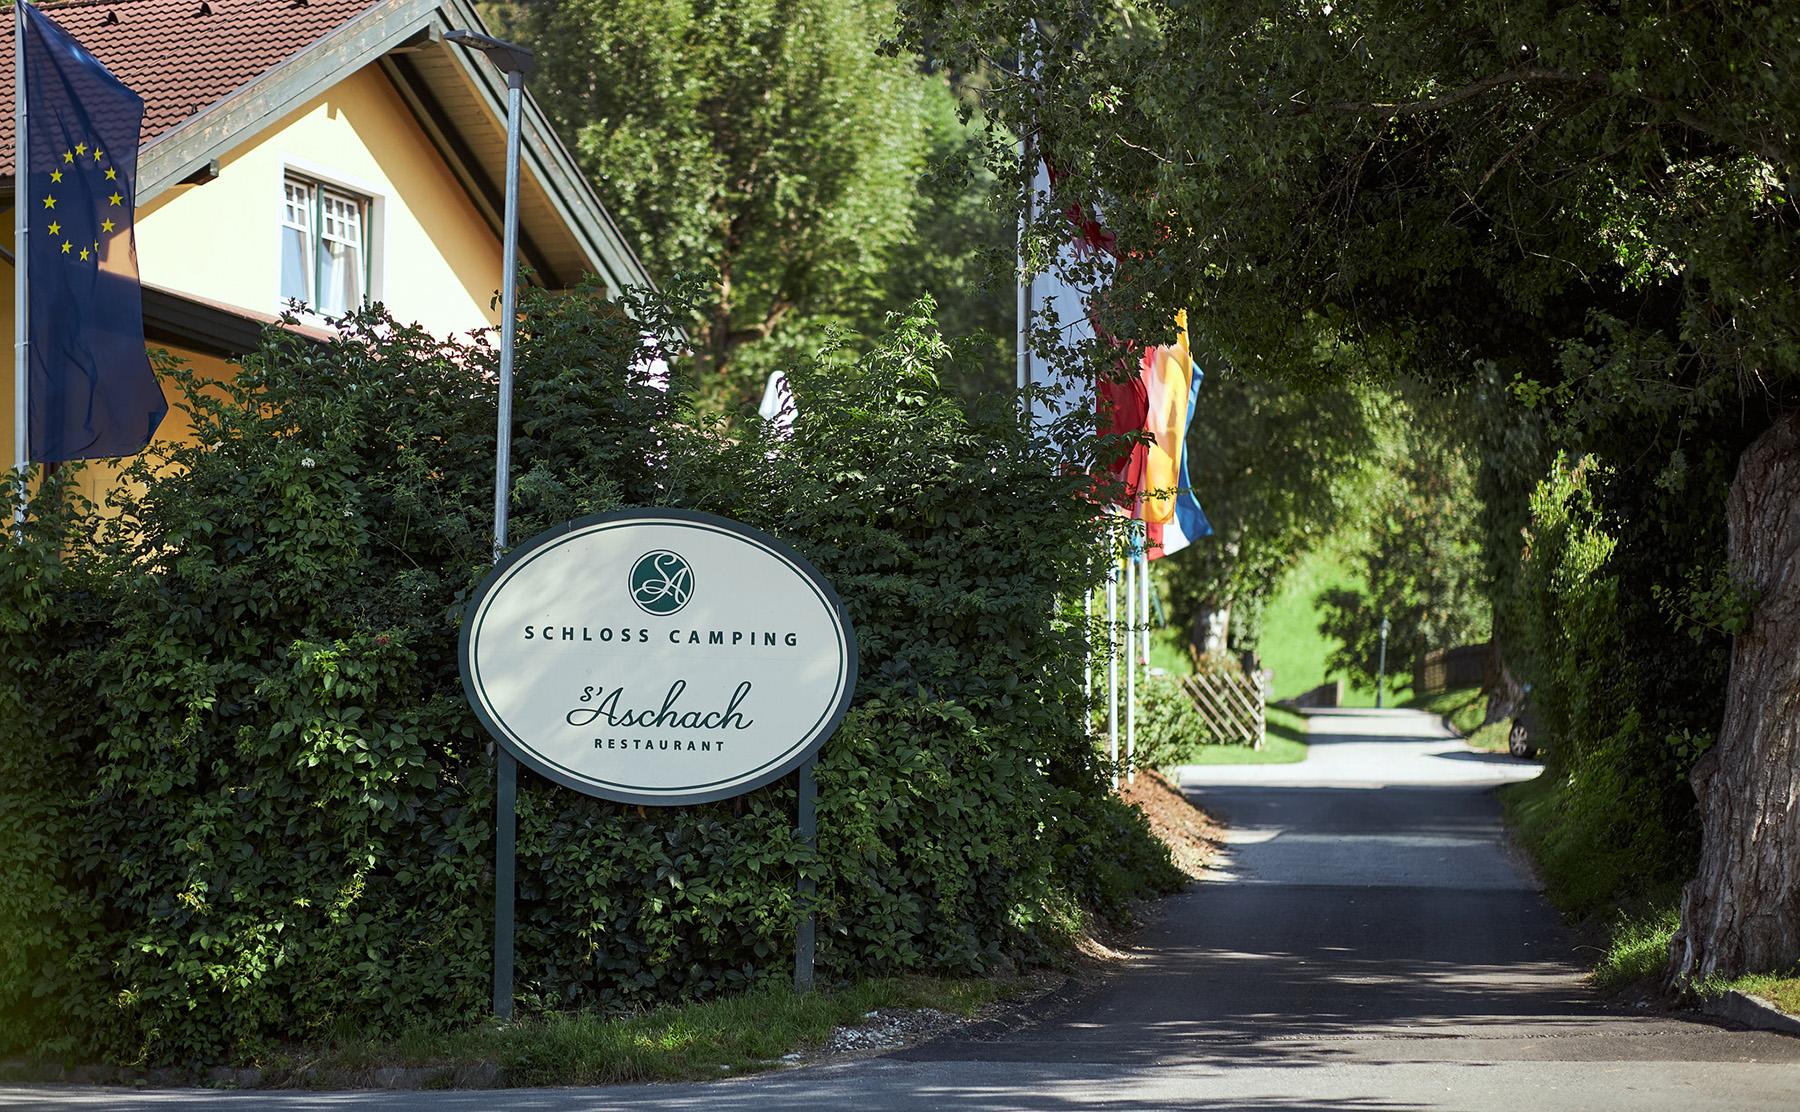 Einfahrt Schlosscamping Aschach